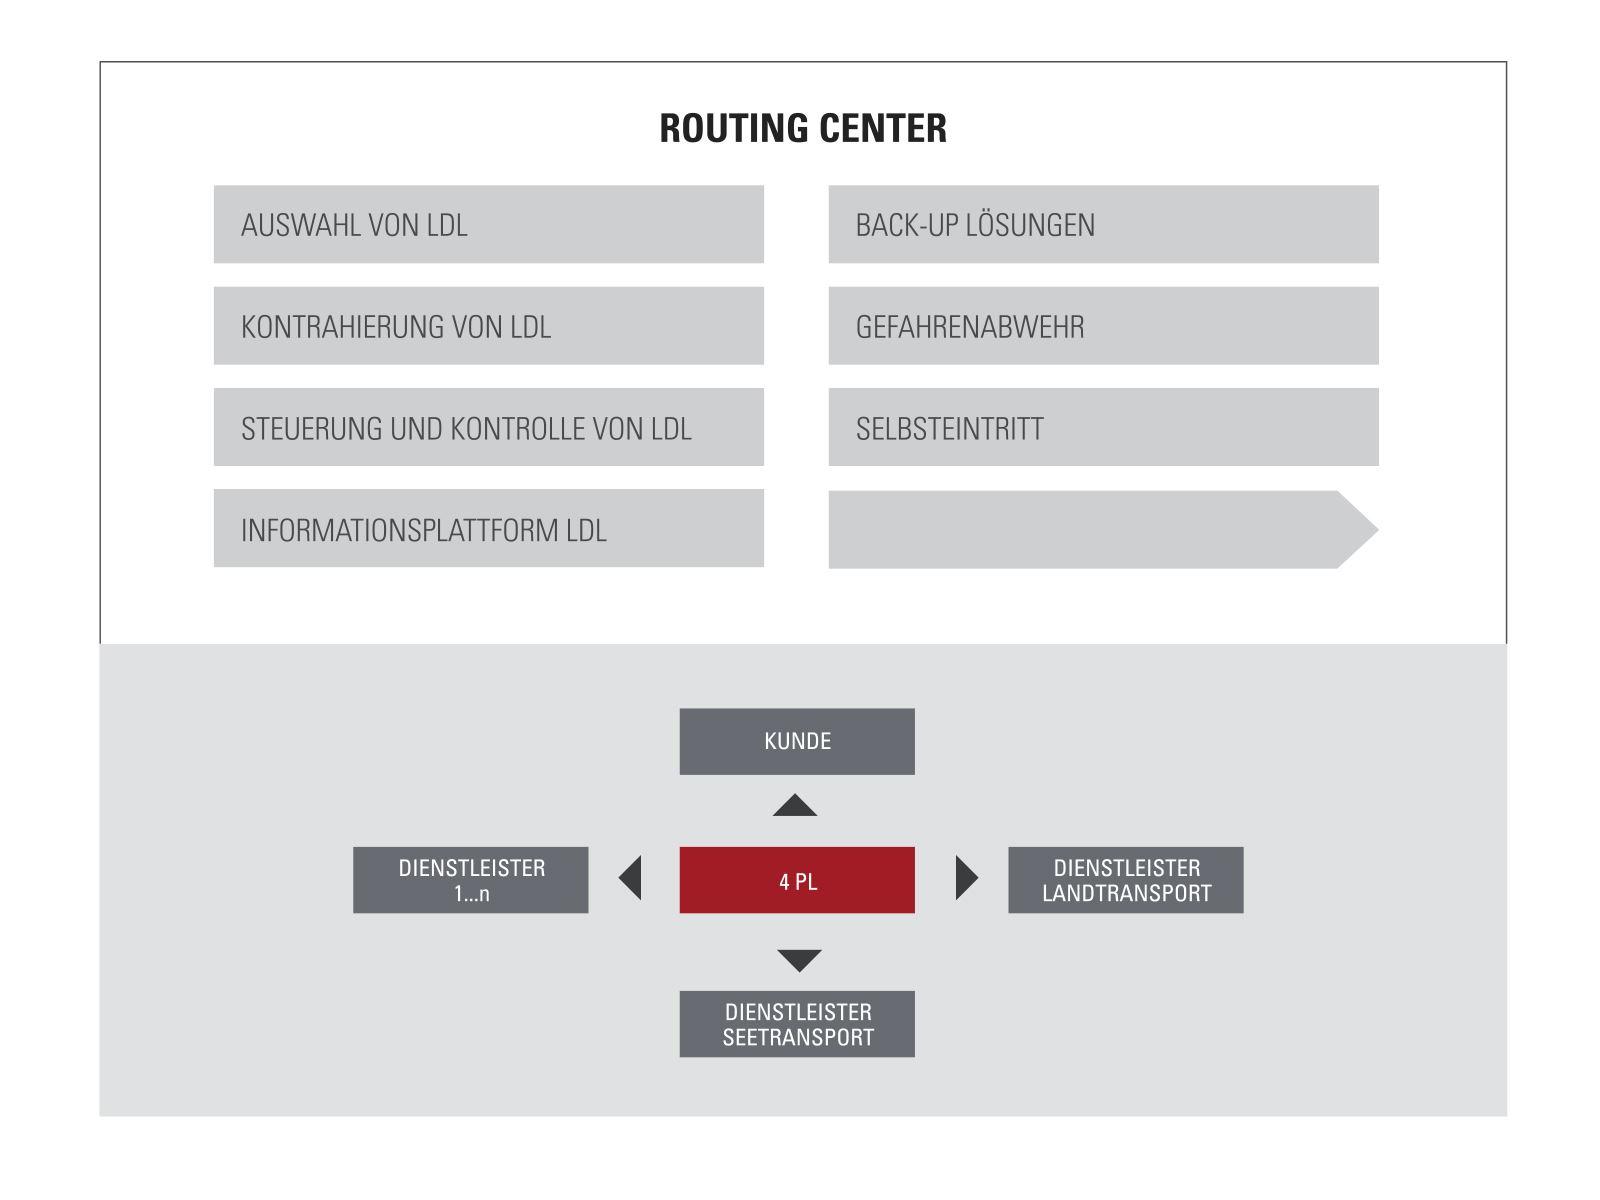 Logistikdienstleister im Einklang abteilungs- und unternehmensübergreifend